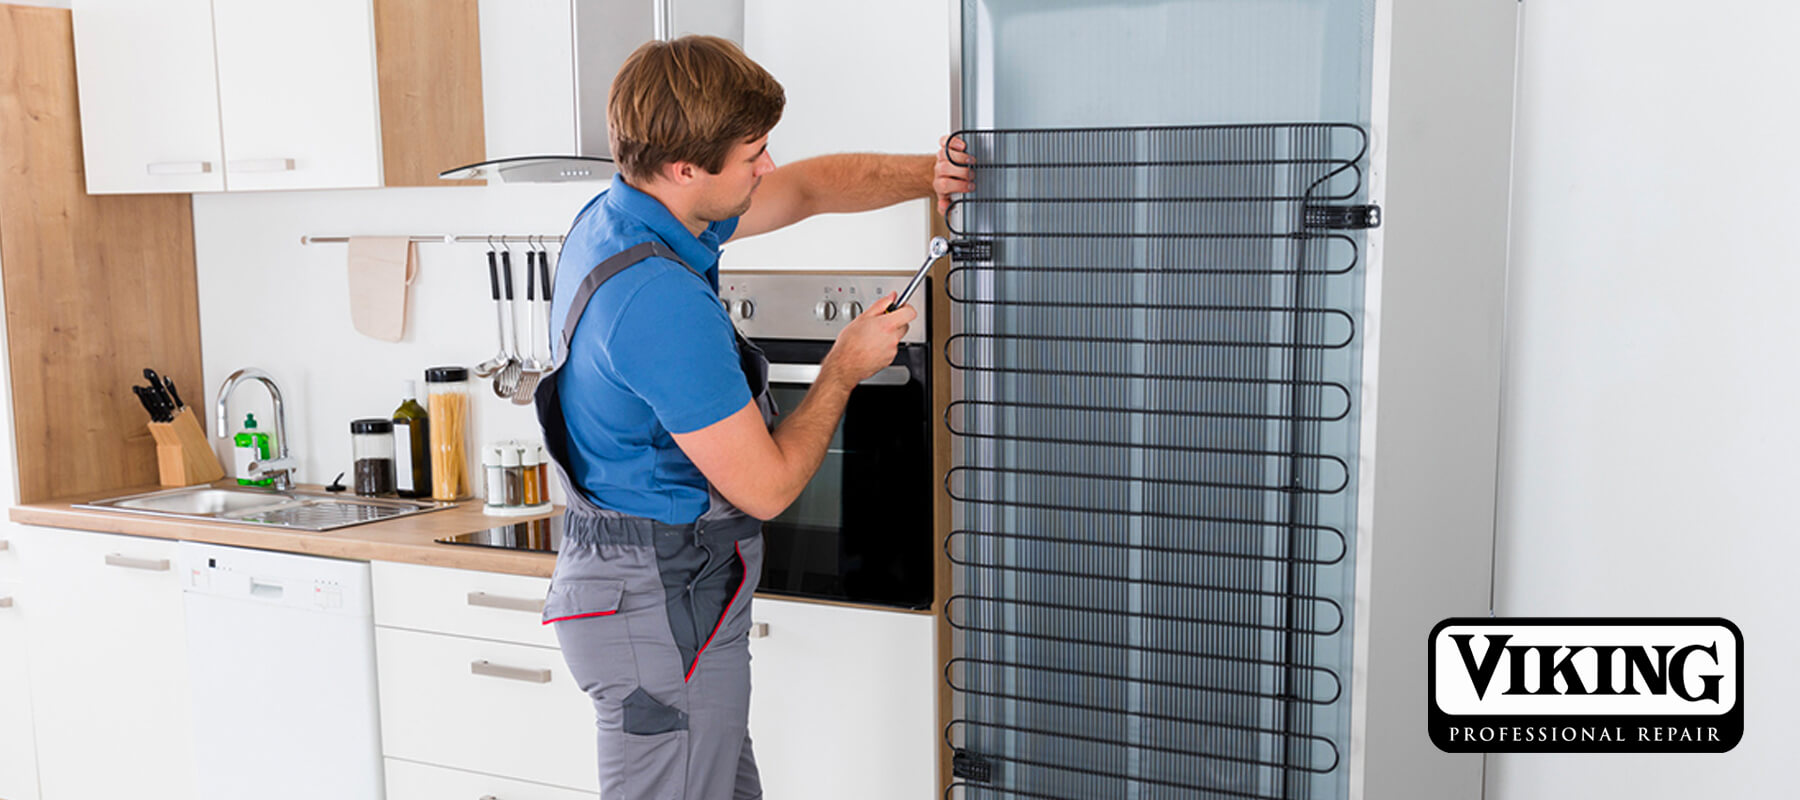 Viking Freezer Repair | Professional Viking Repair